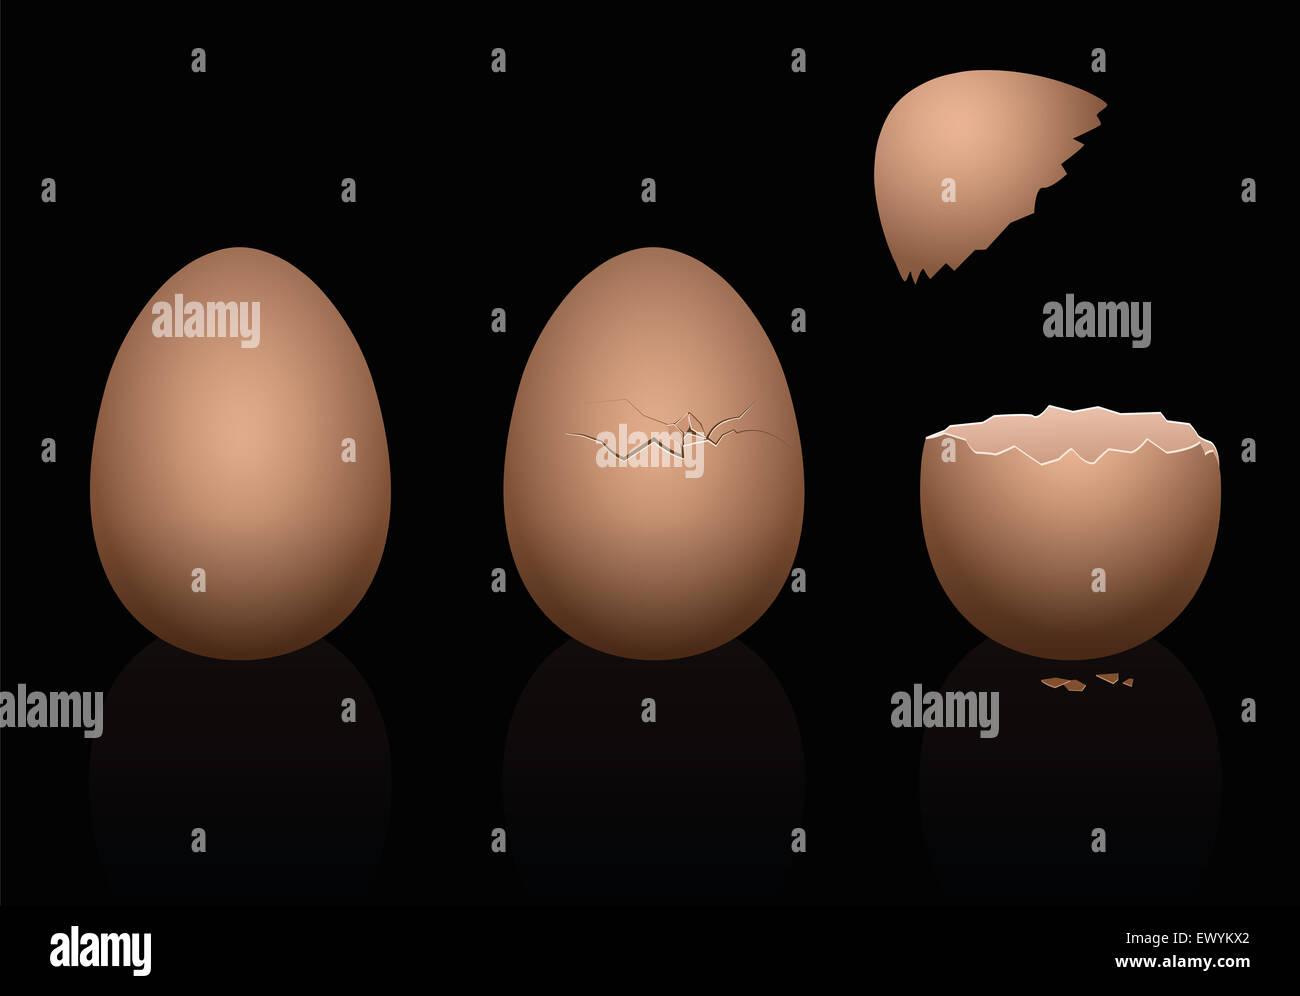 Trois œufs de poule brun - intacts, cassée et ouverte. Illustration tridimensionnelle sur fond noir. Photo Stock